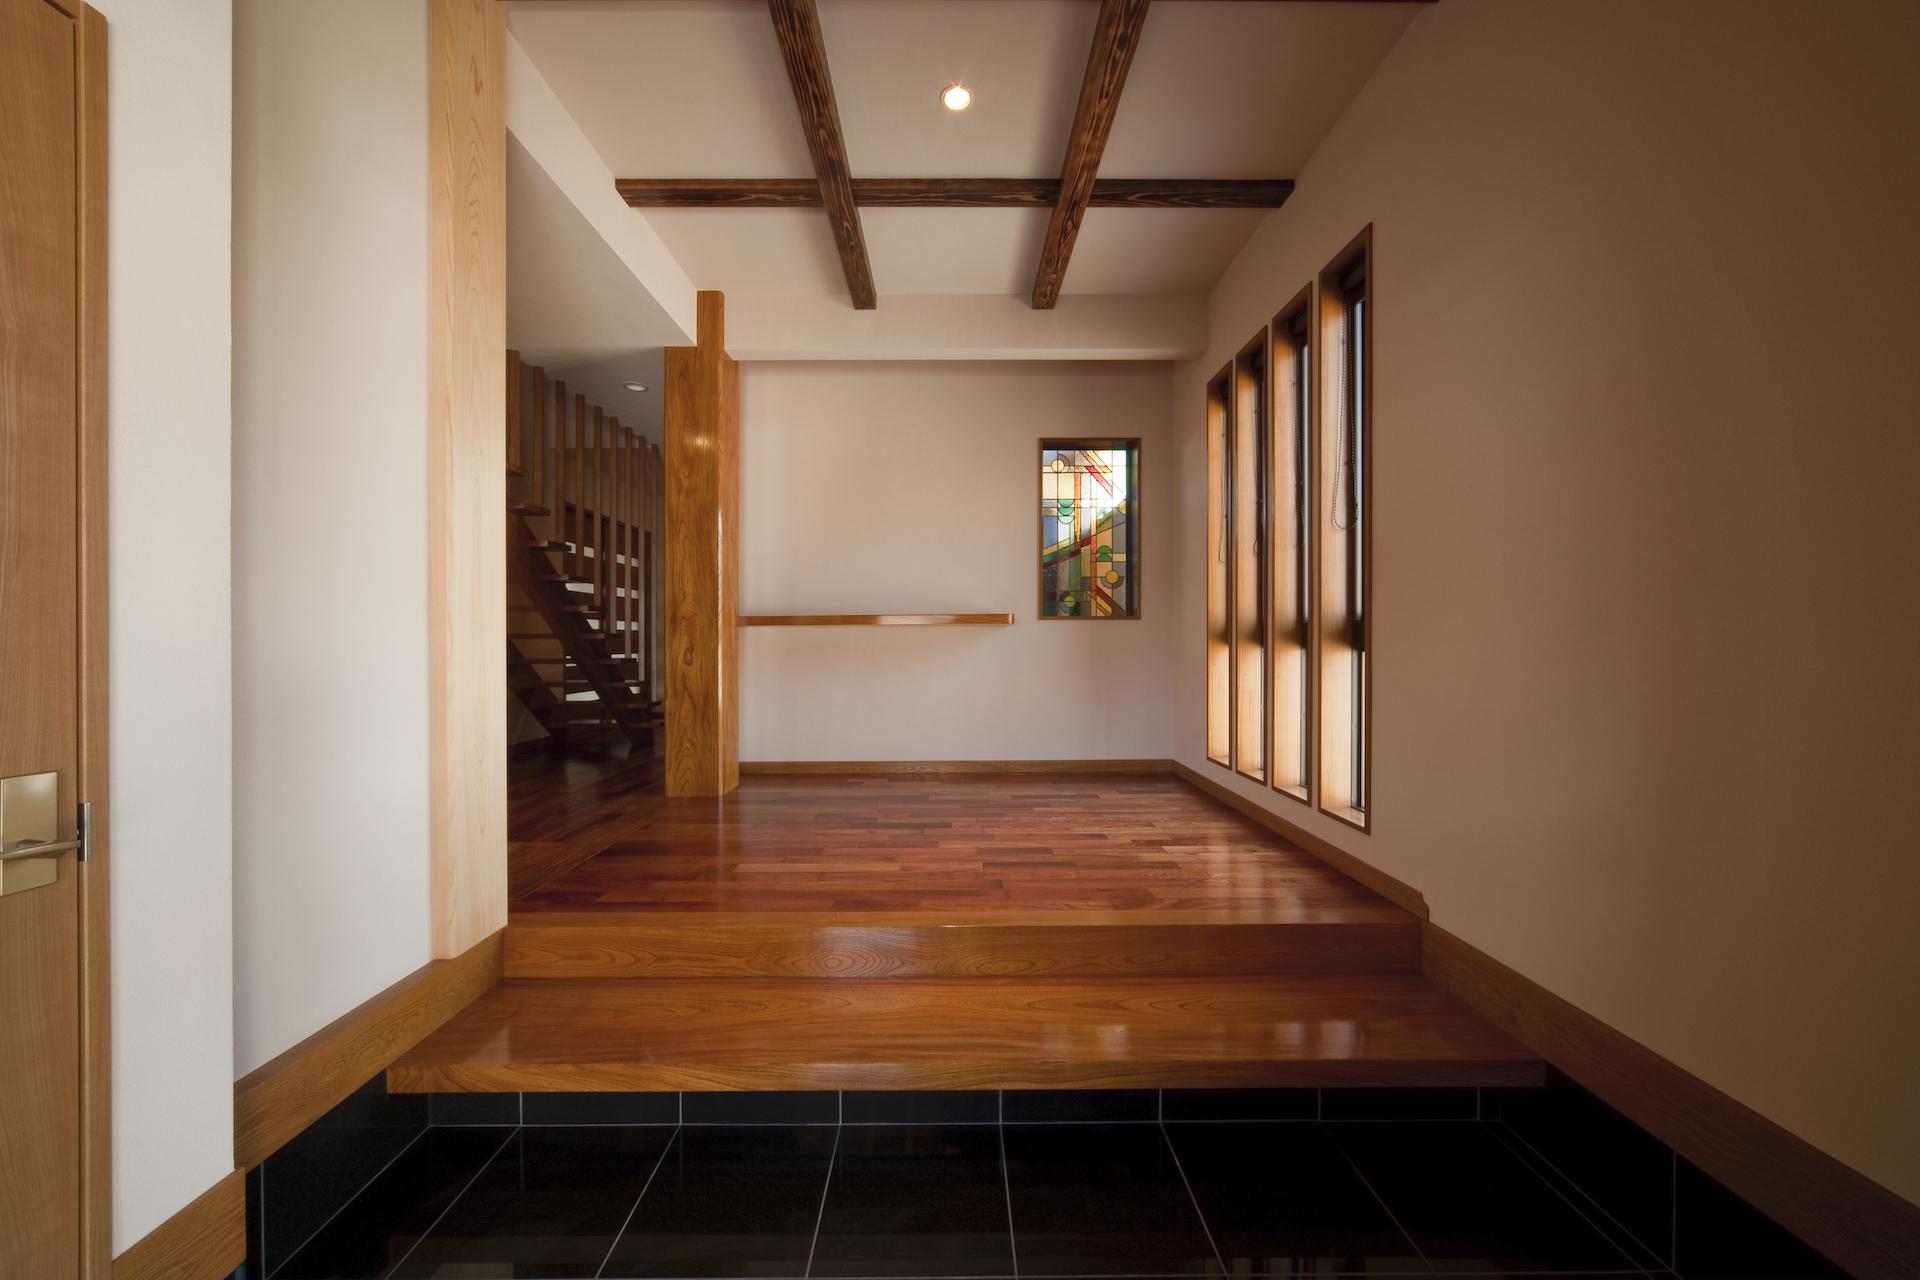 匠集団 槌音(つちおと)【デザイン住宅、和風、二世帯住宅】正面に欅の大黒柱を配した玄関。奥さまお気に入りのステンドグラスが空間に彩りを添える